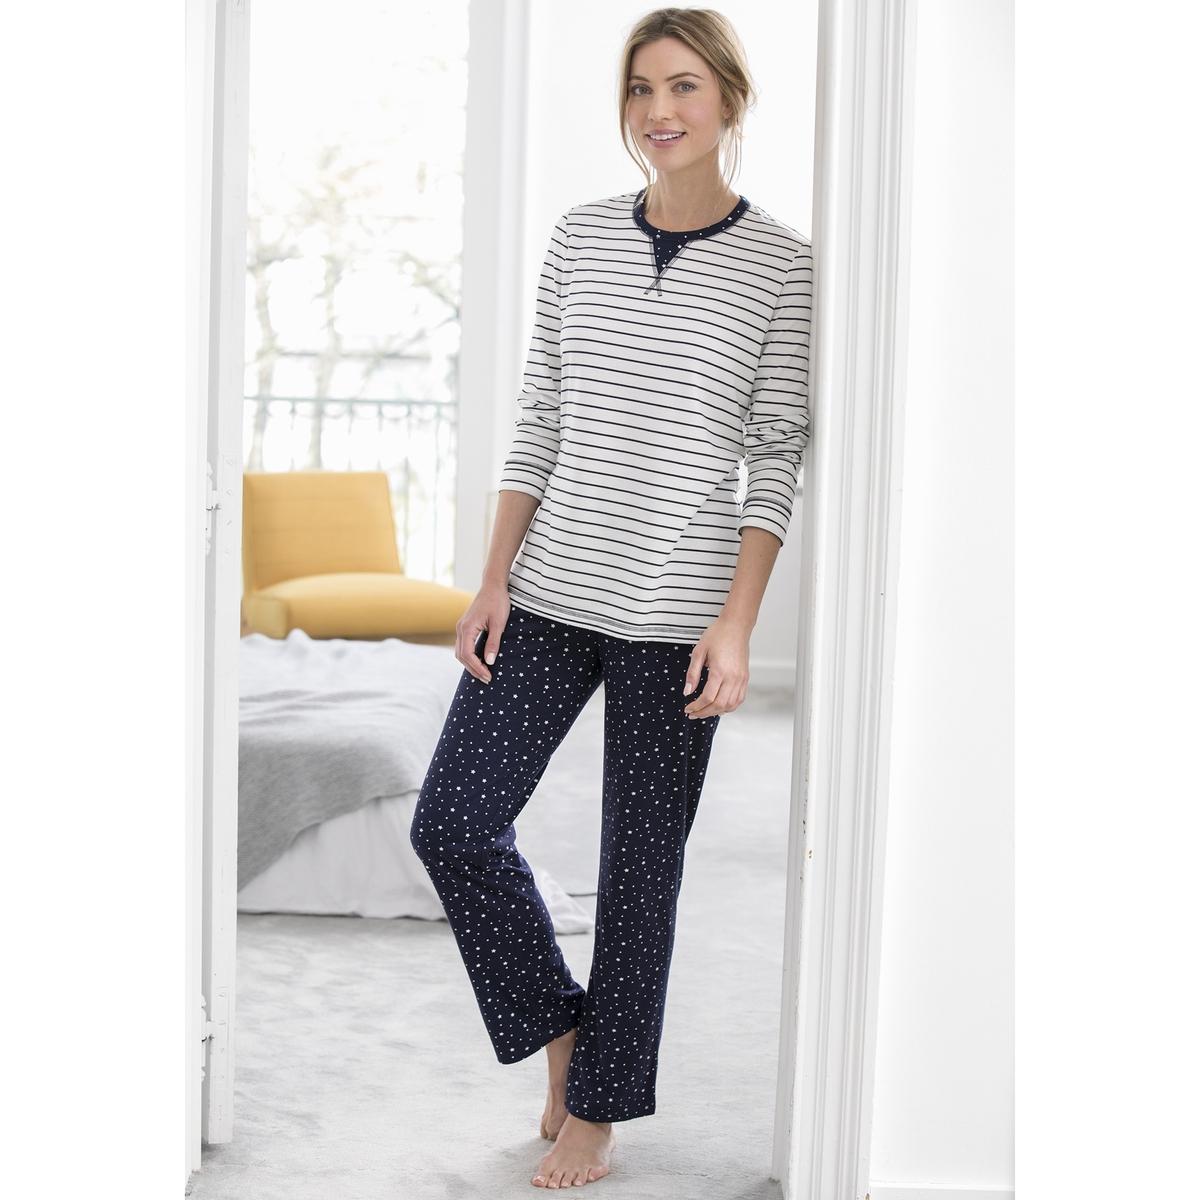 Пижама с длинными рукавами thermolactyl® пижамы nicoletta пижама женская